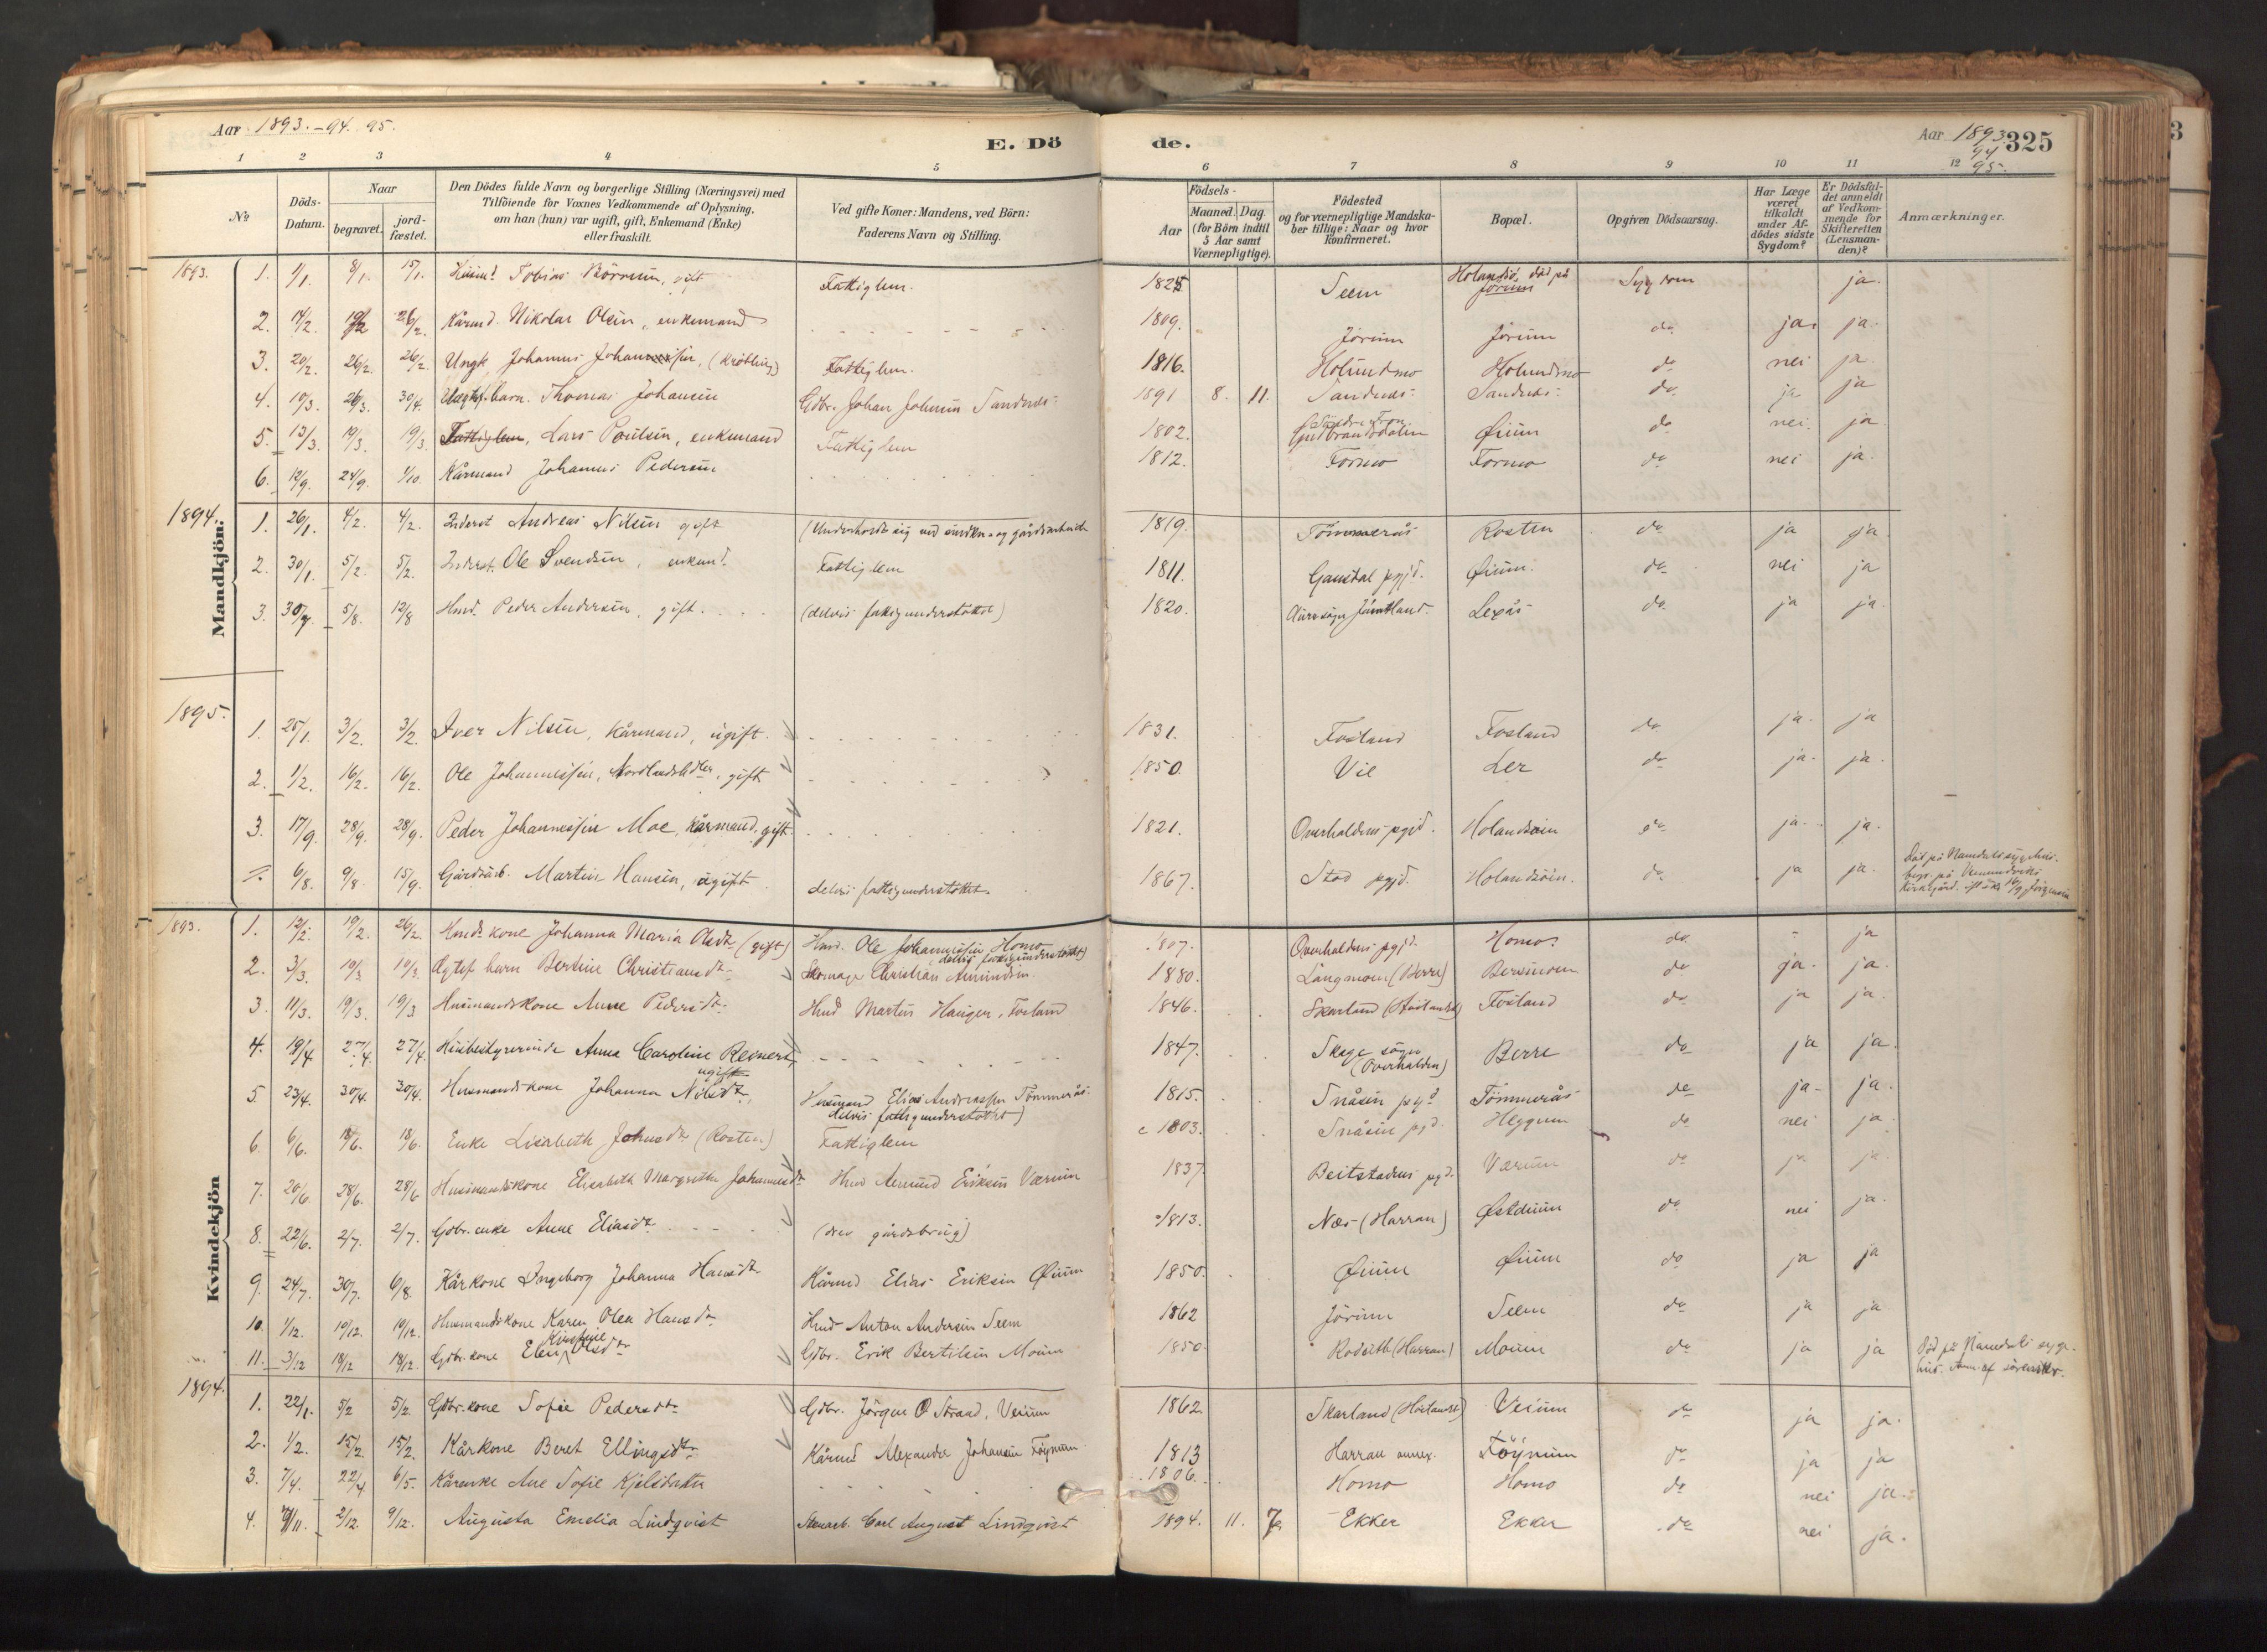 SAT, Ministerialprotokoller, klokkerbøker og fødselsregistre - Nord-Trøndelag, 758/L0519: Ministerialbok nr. 758A04, 1880-1926, s. 325